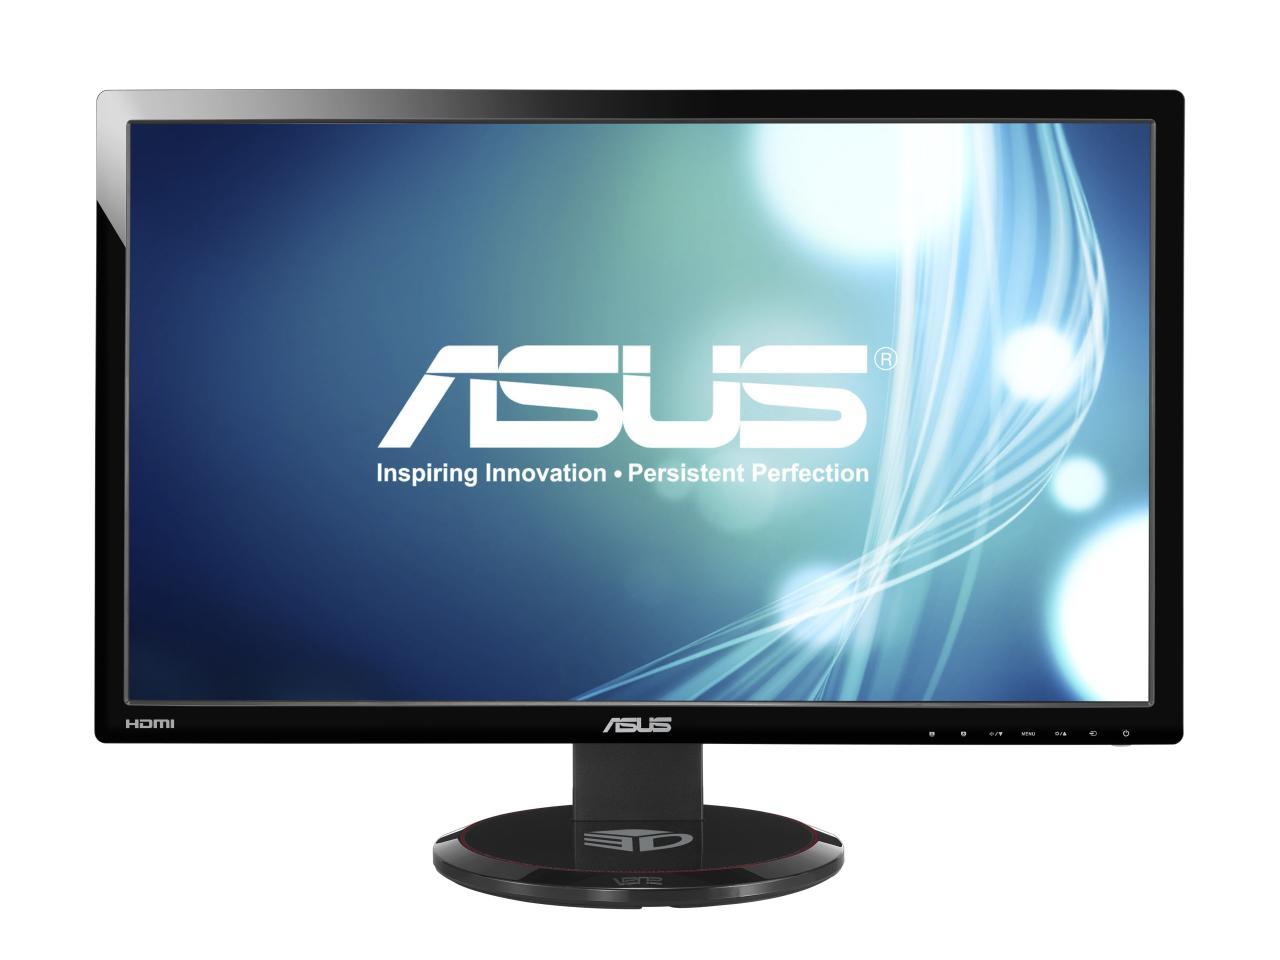 Der ASUS VG278HE besitzt gegenüber dem Vorgänger ein besseres Panel. (Foto: ASUS)